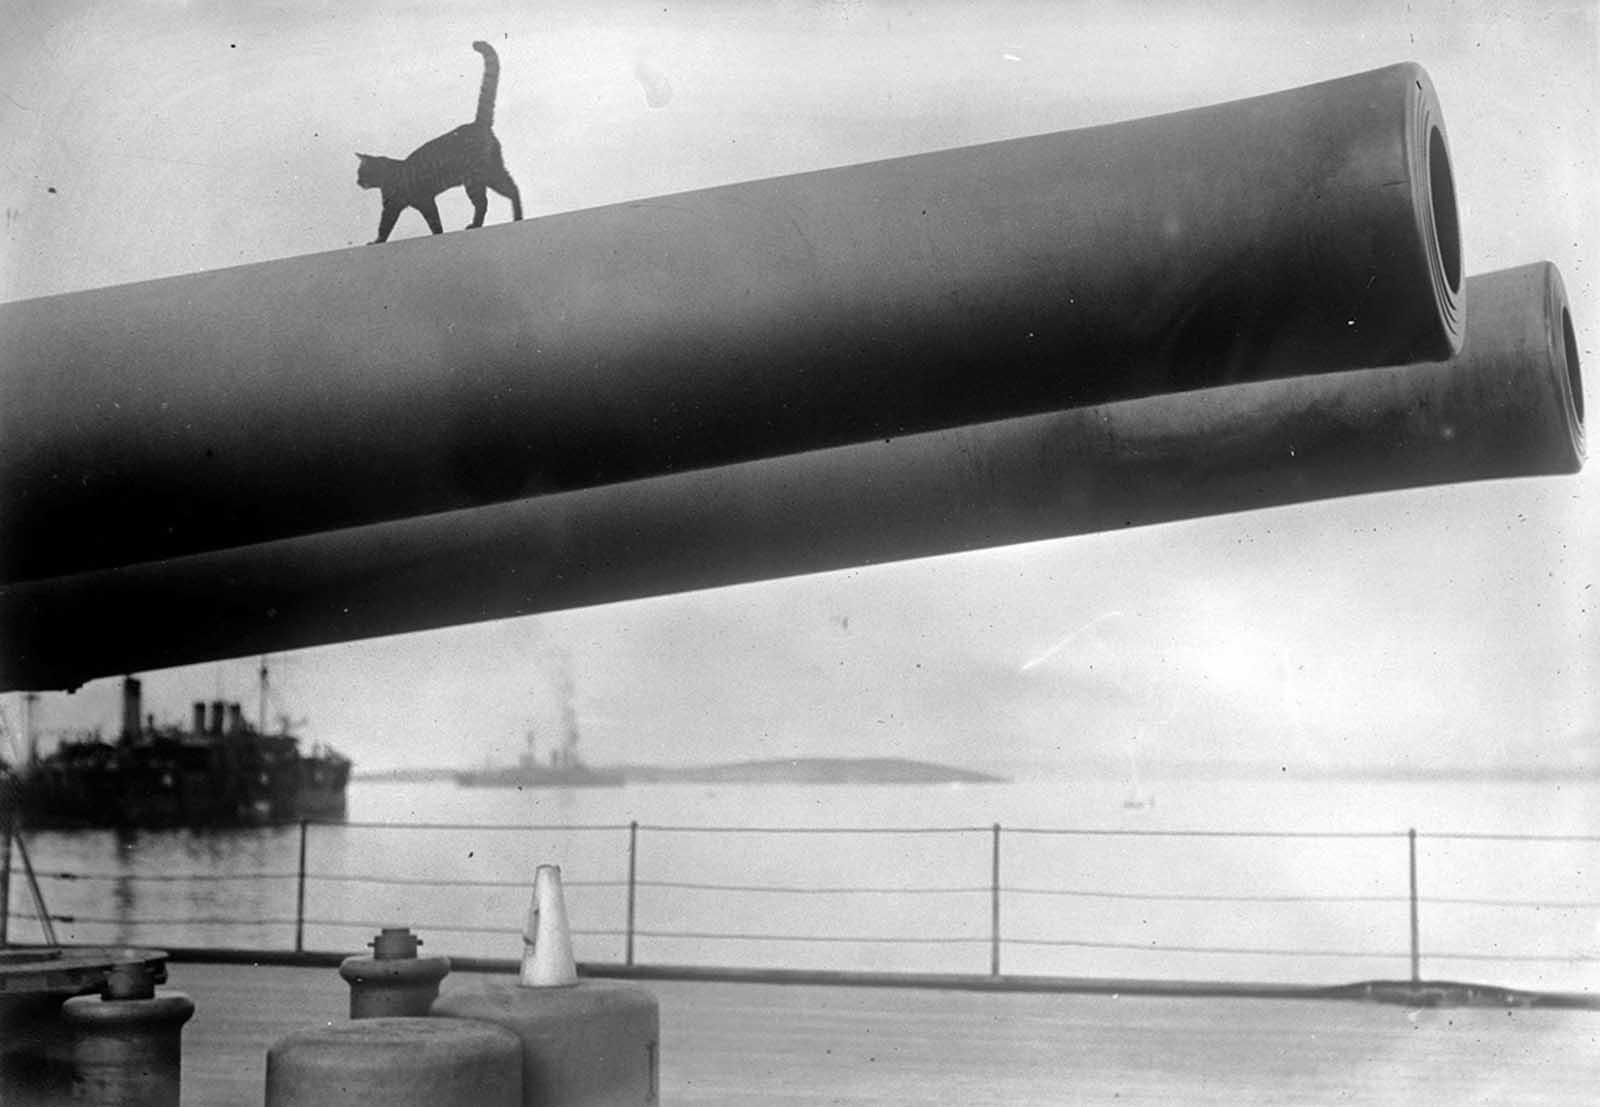 Un gato, la mascota del HMS Queen Elizabeth, camina a lo largo del cañón de una pistola de 15 pulgadas en cubierta, en 1915.